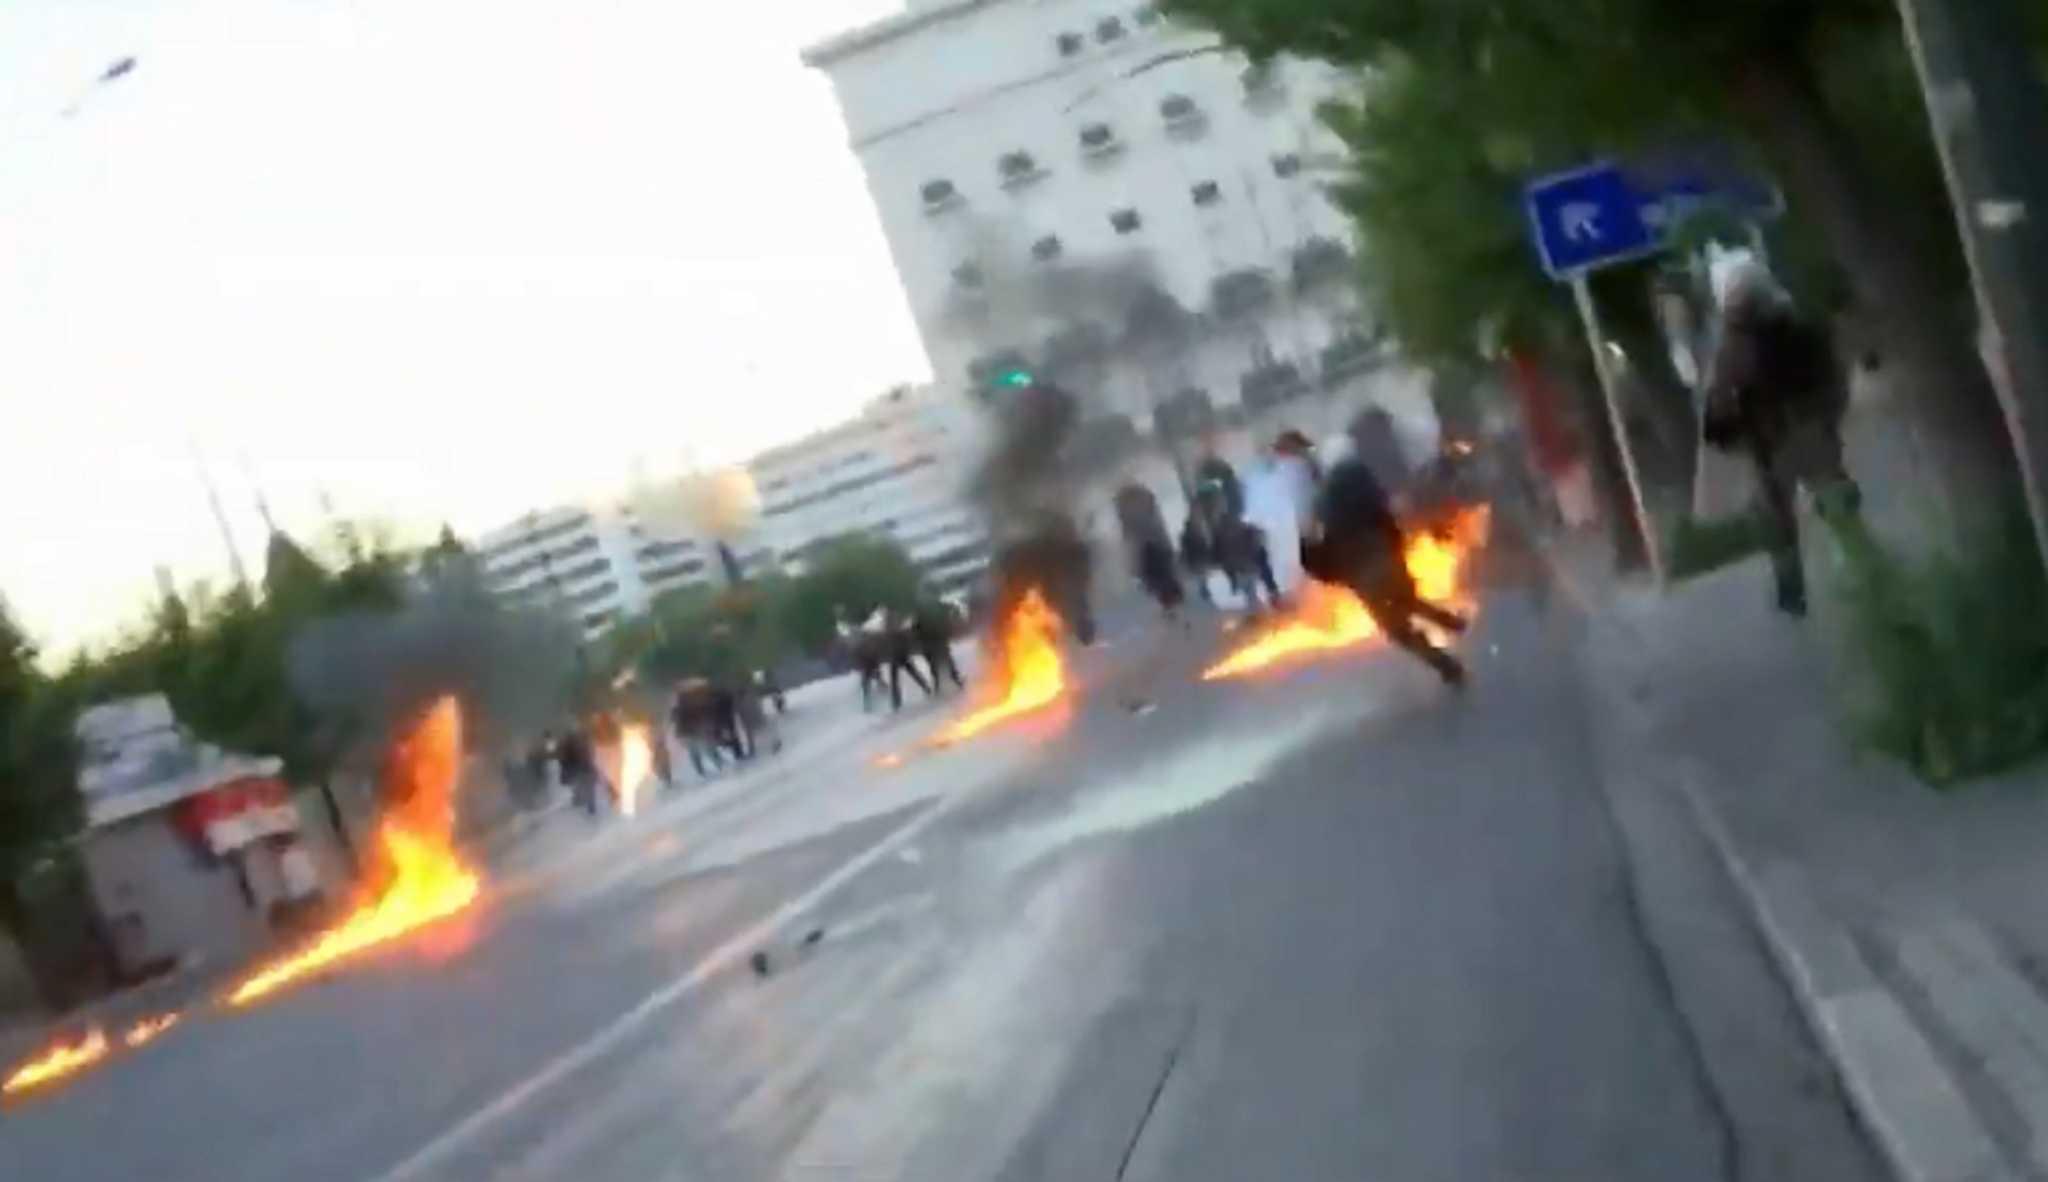 Επεισόδια στην Αθήνα -Βροχή από πέτρες και μολότοφ